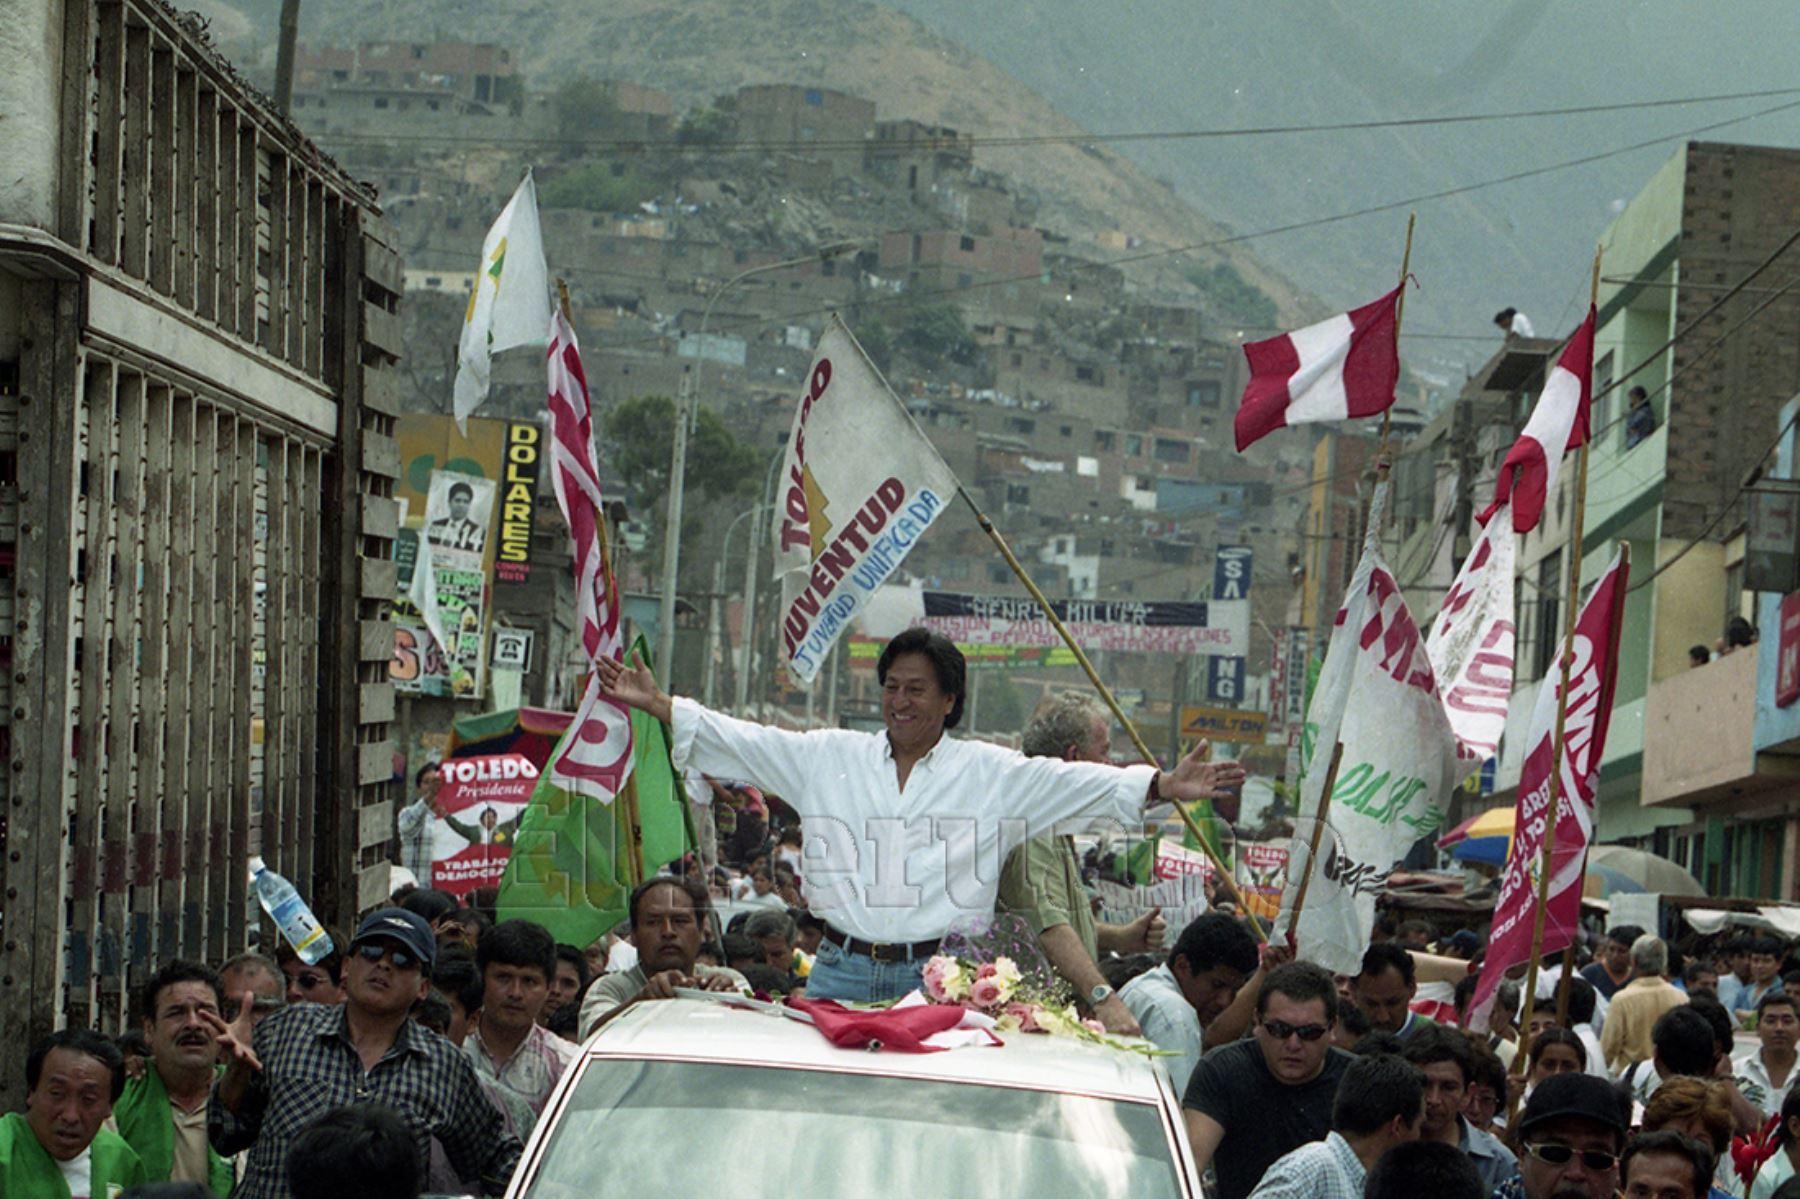 Lima - 21 enero 2001 / Alejandro Toledo, candidato presidencial por Perú Posible, durante la campaña electoral del 2001.  Foto: Archivo Histórico de EL PERUANO